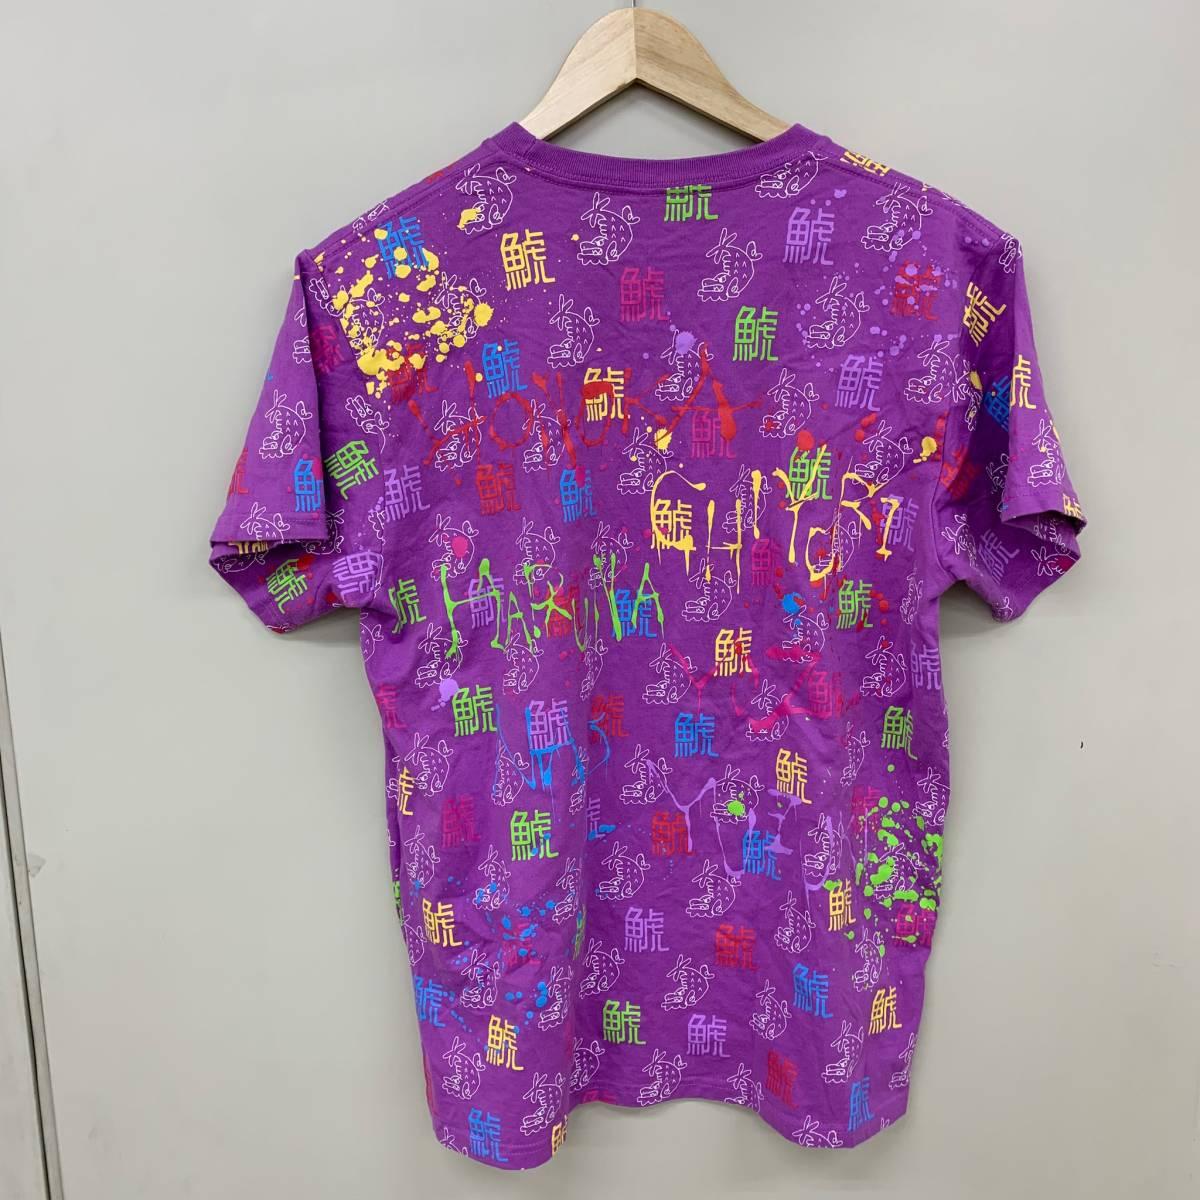 チームしゃちほこ 鯱 総柄 半袖Tシャツ Lサイズ